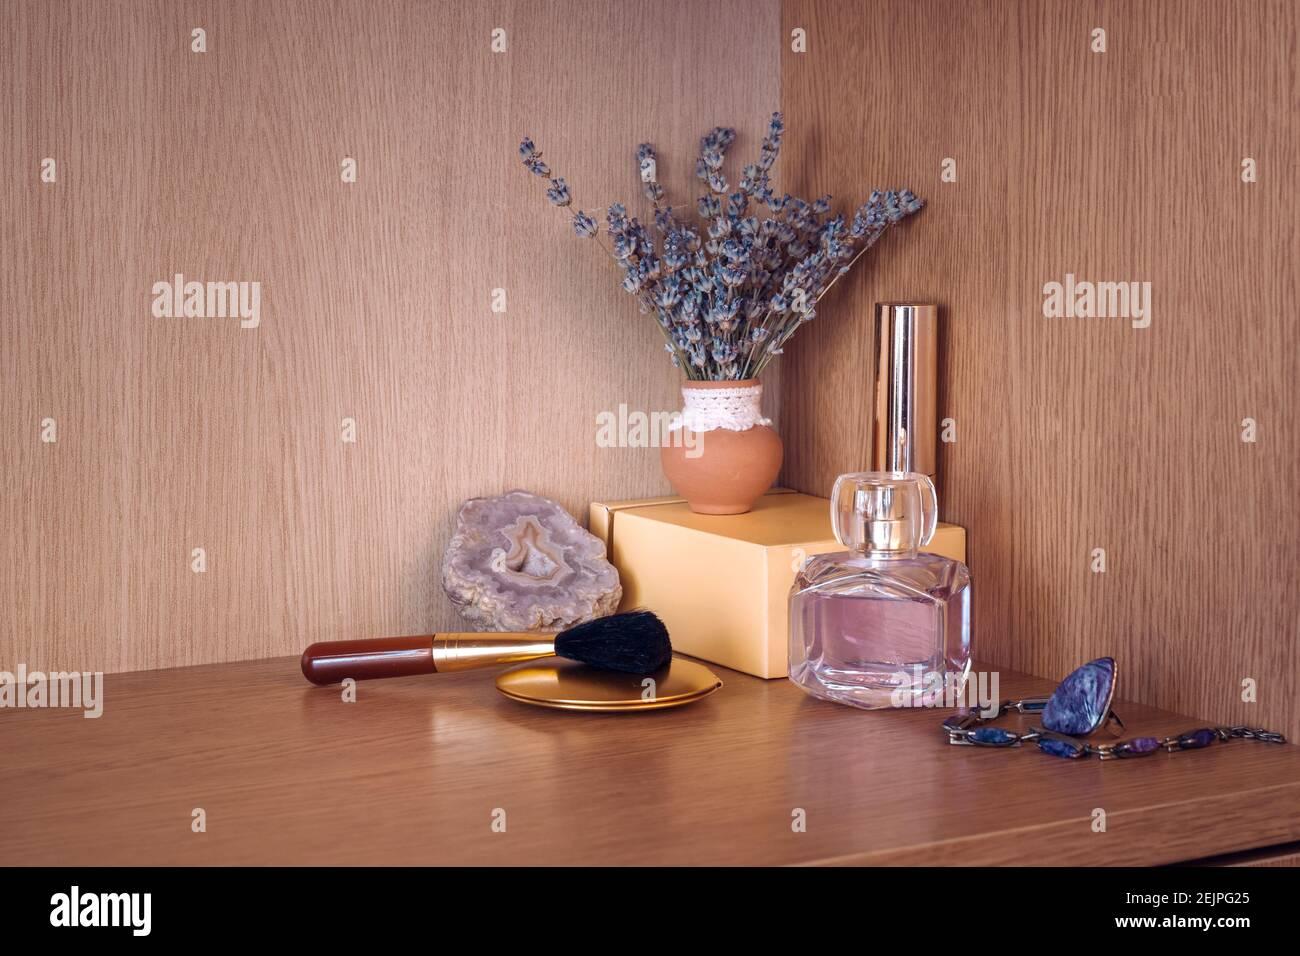 Productos de belleza con joyería por jarrón de flores de lavanda Foto de stock